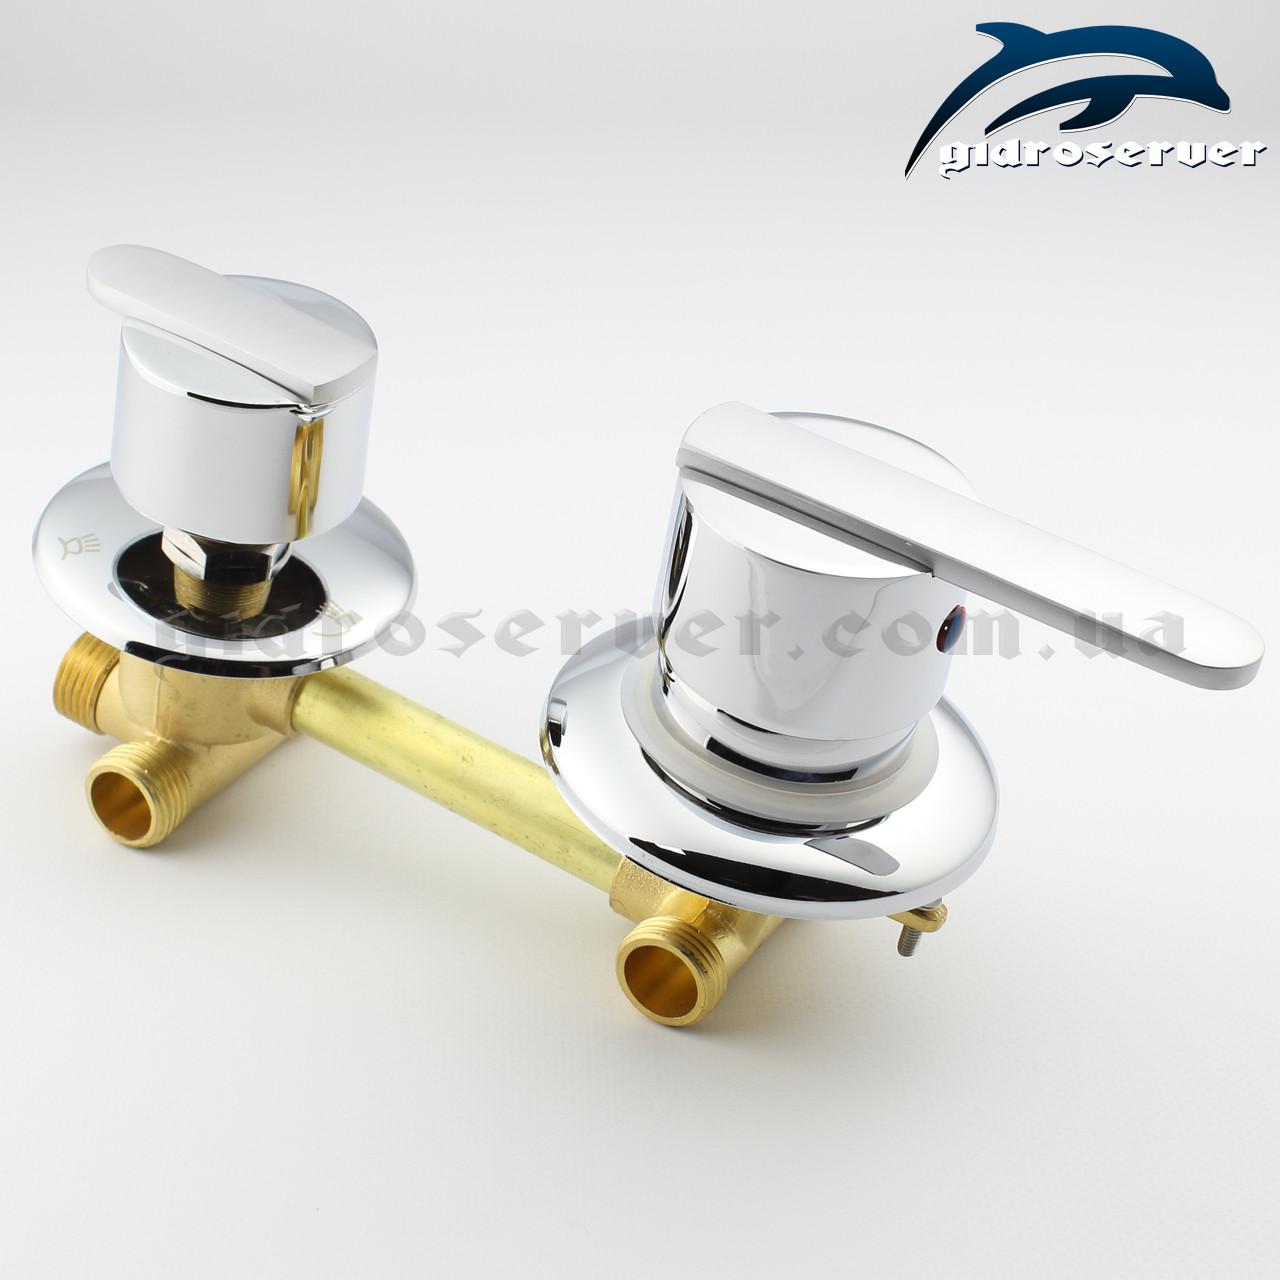 Смеситель для душевой кабины, гидромассажного бокса  G 3 - 120 мм.